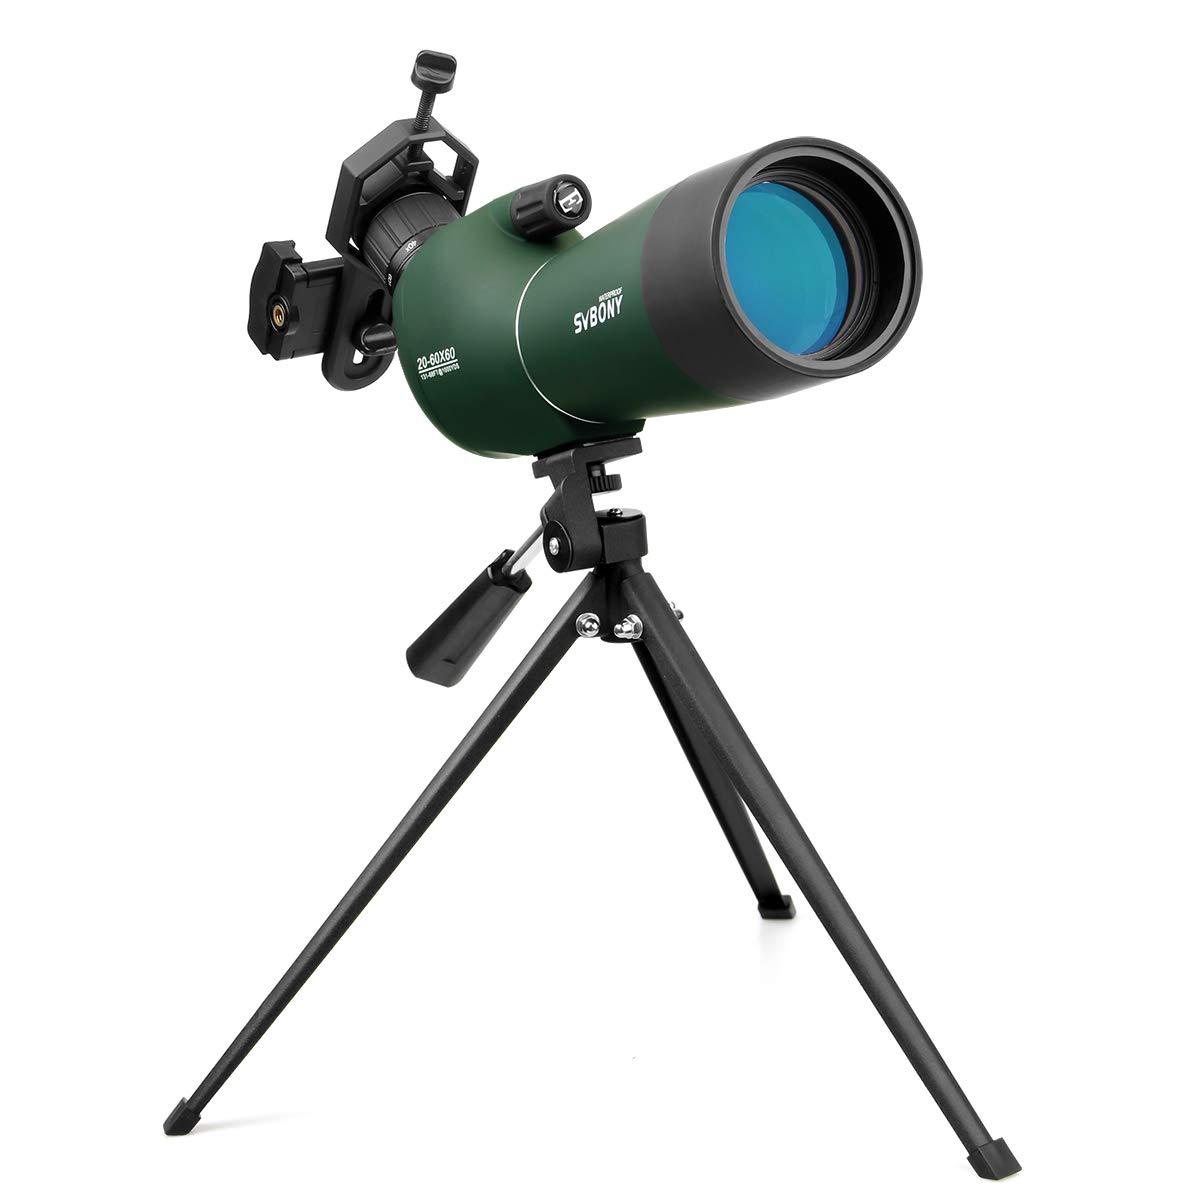 Svbony SV28 Telescopio Terrestre 20-60x60 de Zoom ImpermeableTelescopio Terrestre con Tr/ípode y Adaptador Universal para Smartphone para Observaci/ón